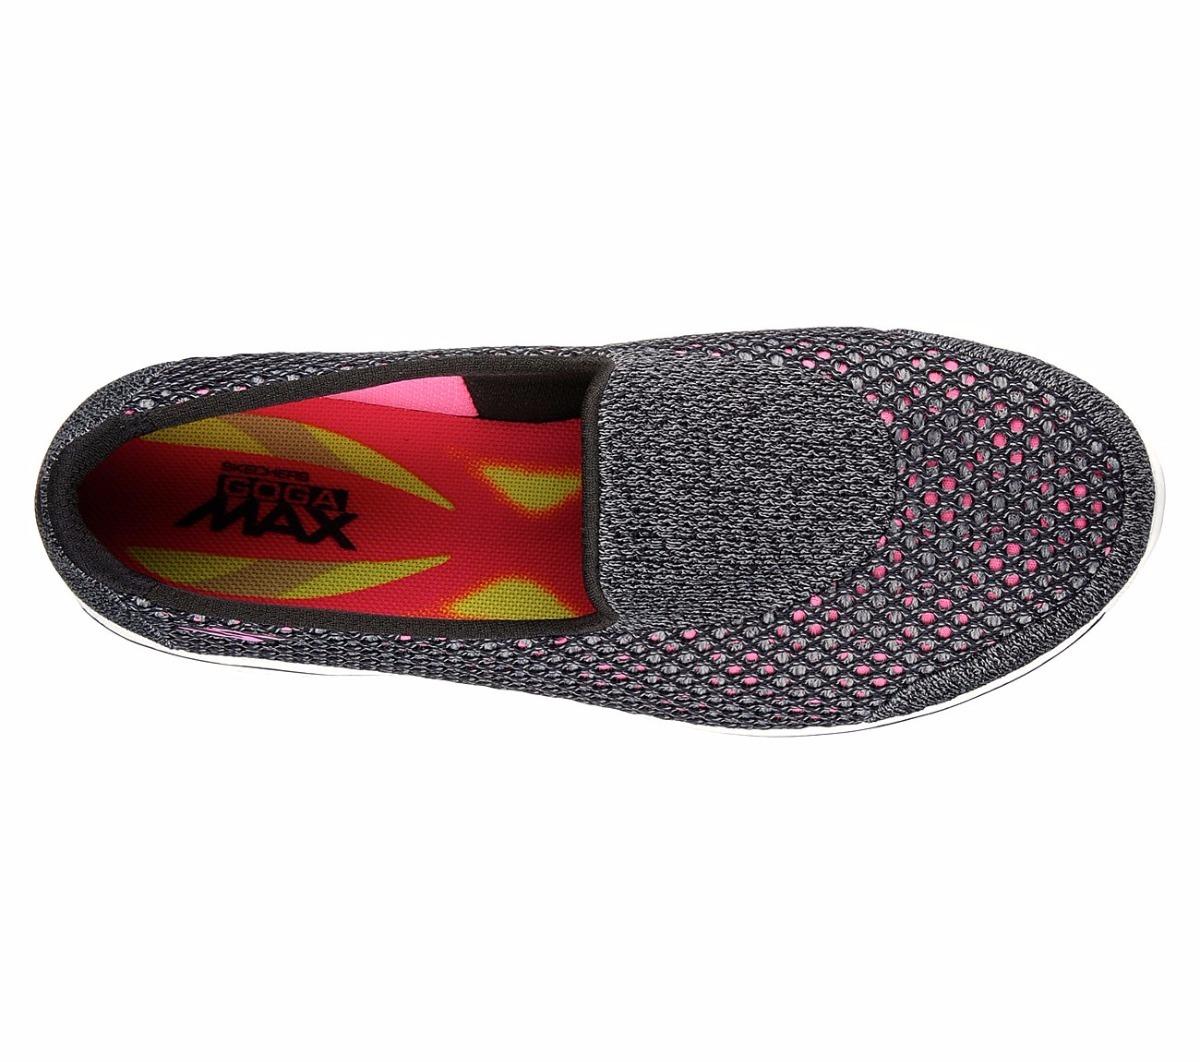 584d52a5029 zapatillas skechers go walk 4 kindle mujer caminata imported. Cargando zoom...  zapatillas skechers mujer. Cargando zoom.